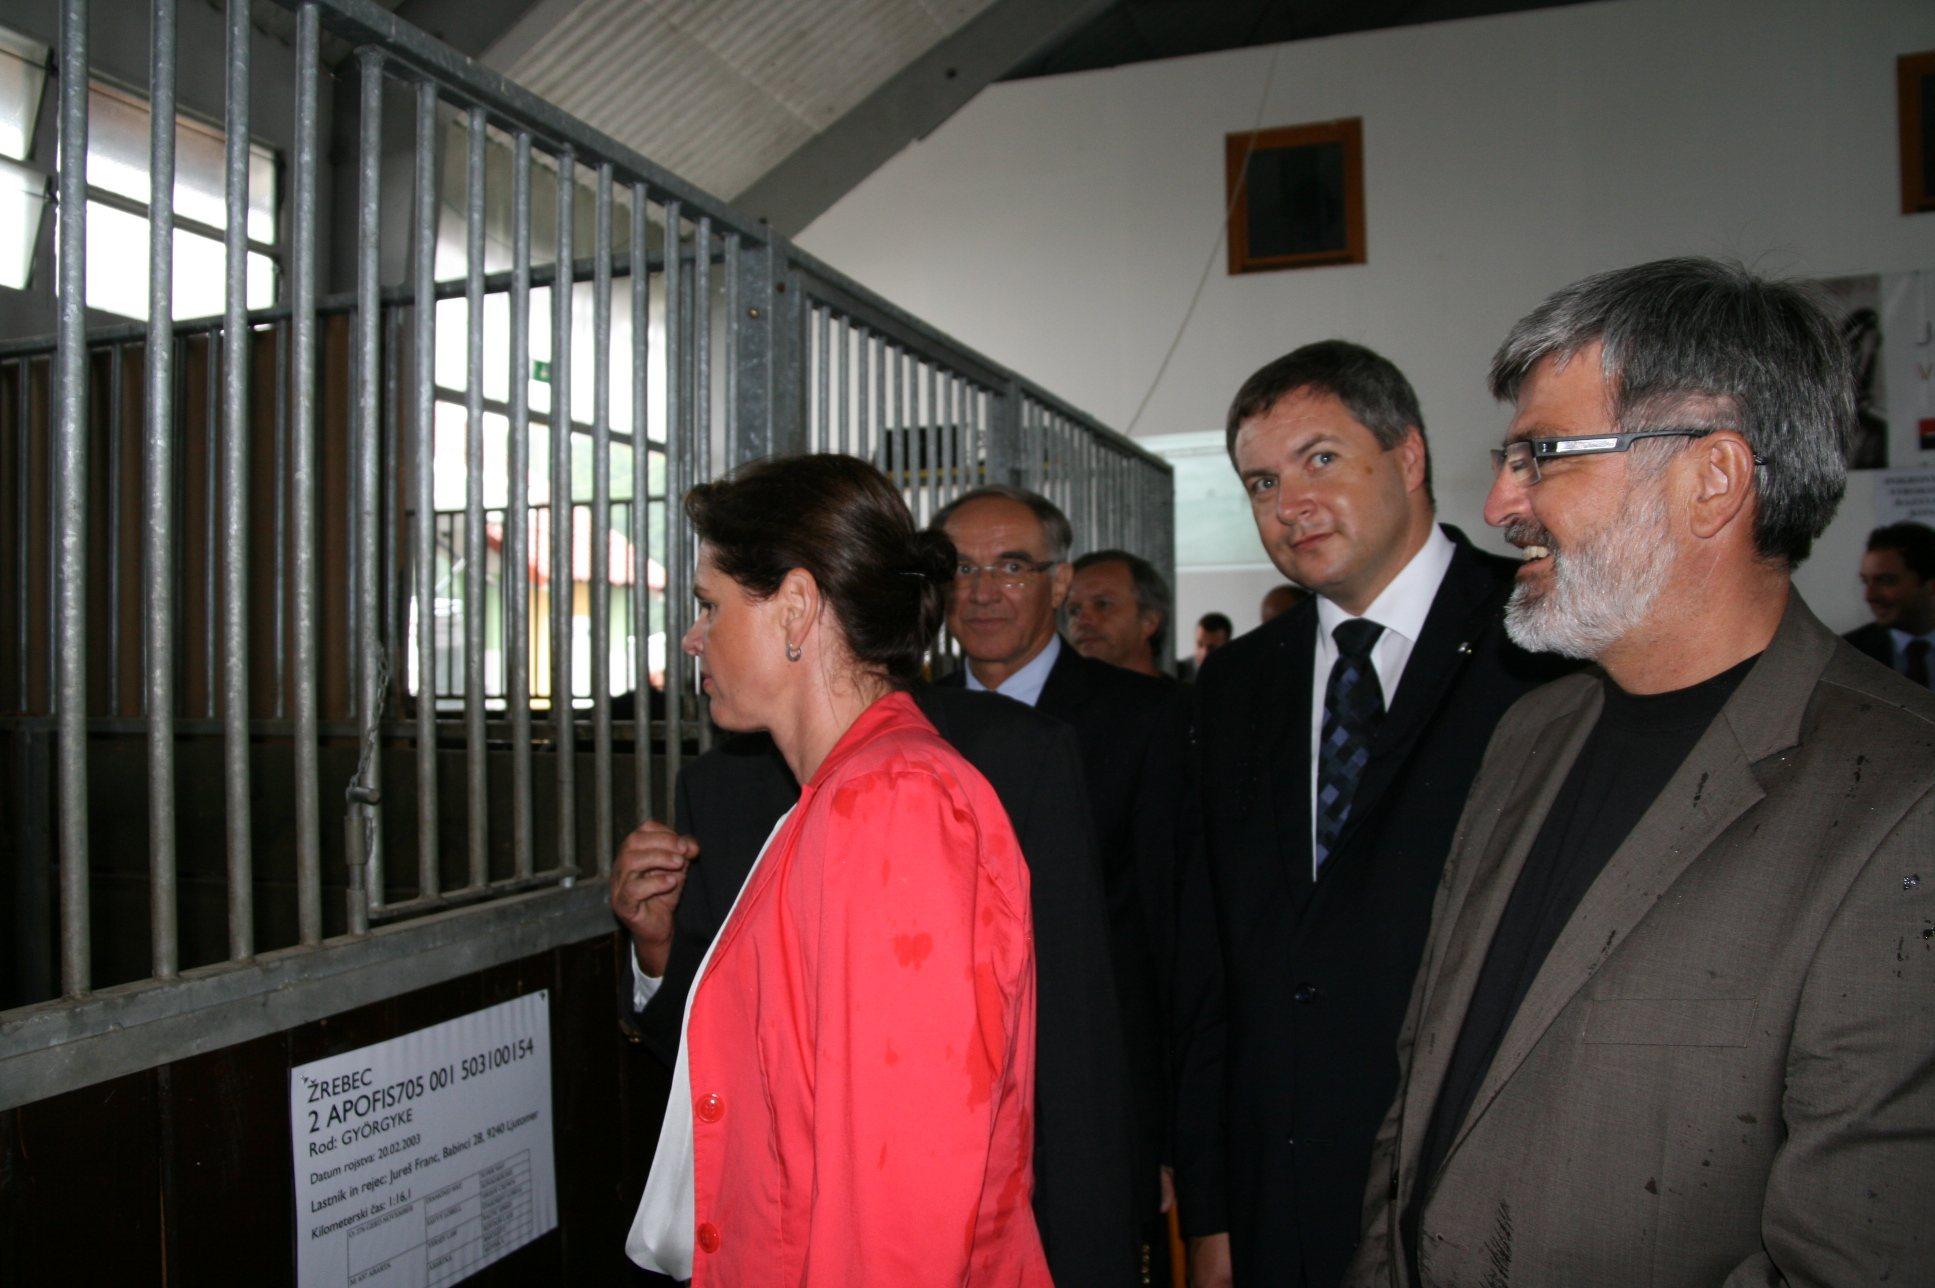 Kmetijsko-živilski sejem AGRA v Gornji Radgoni si je ogledalat tudi predsednica vlade Alenka Bratušek.